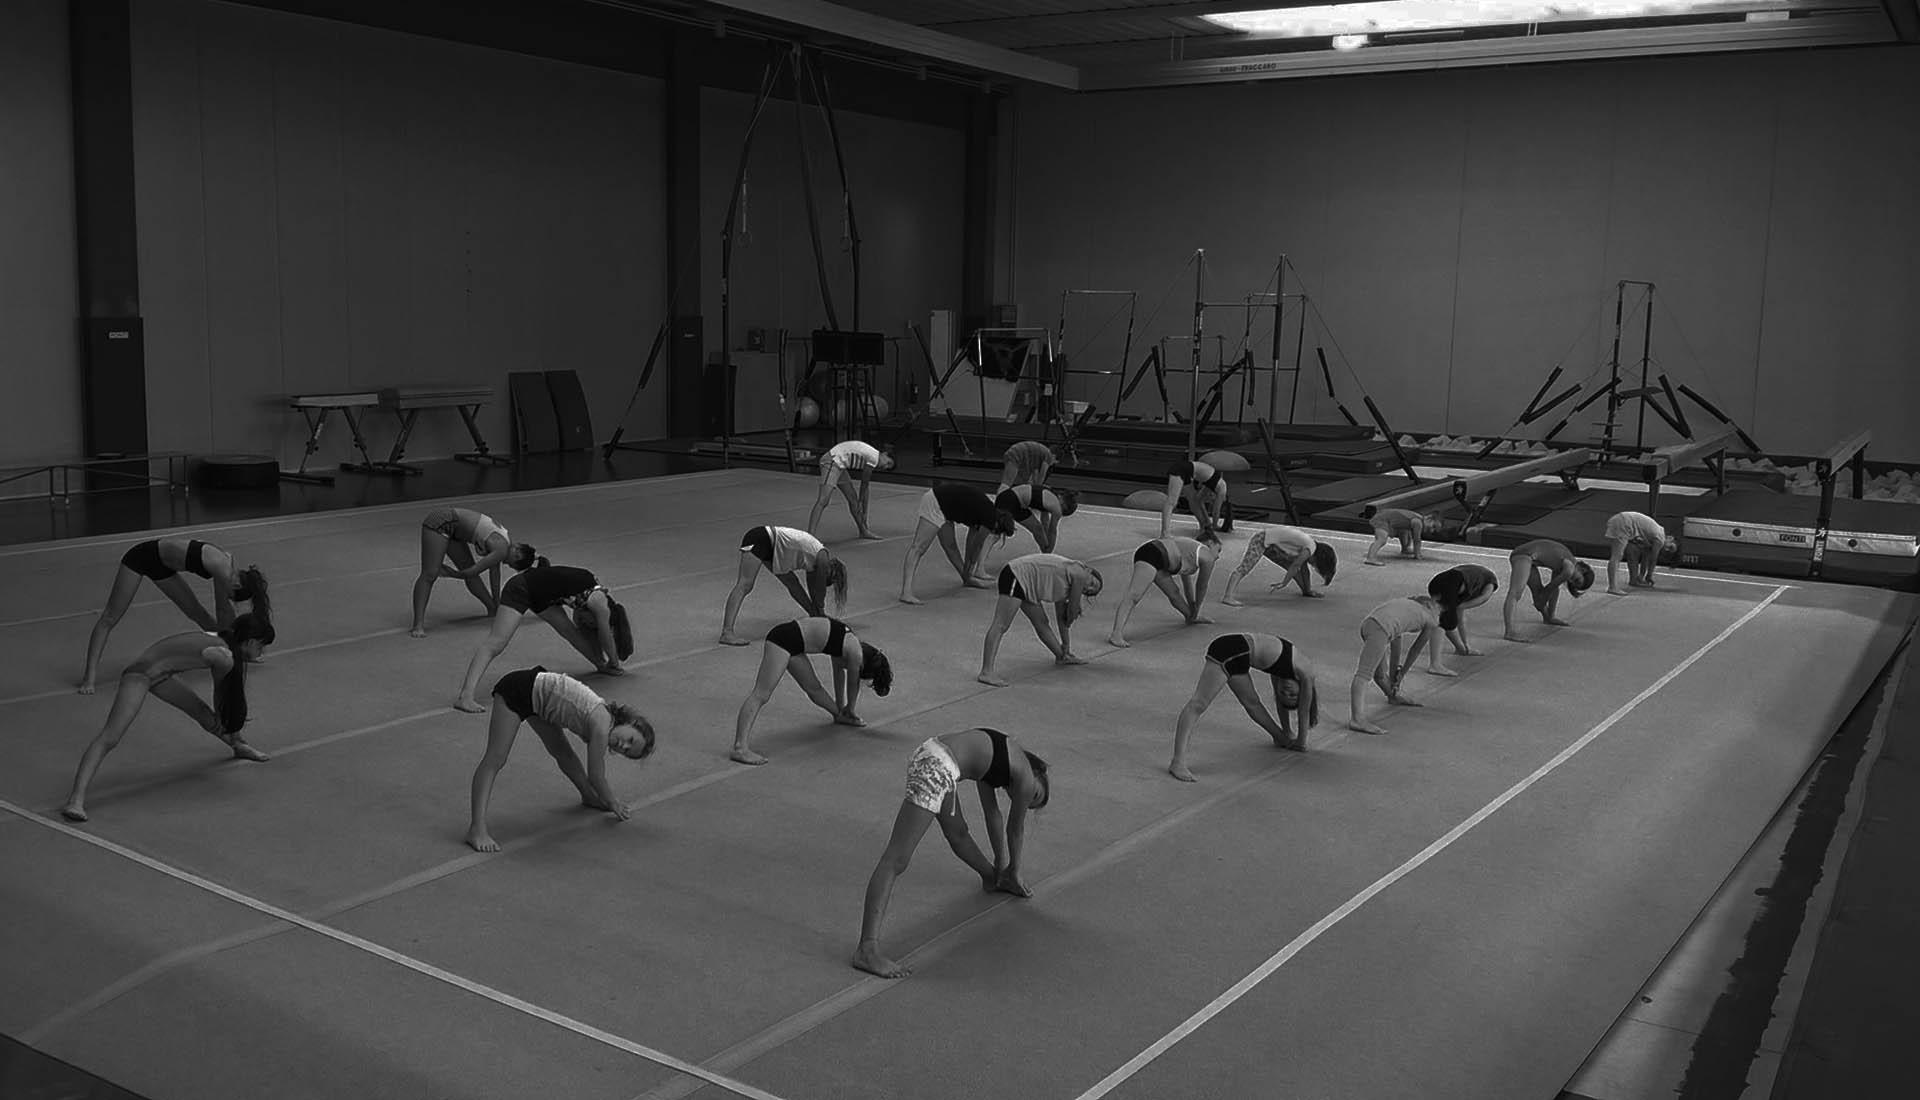 Corsi ginnastica in palestra a Moimacco - Udine